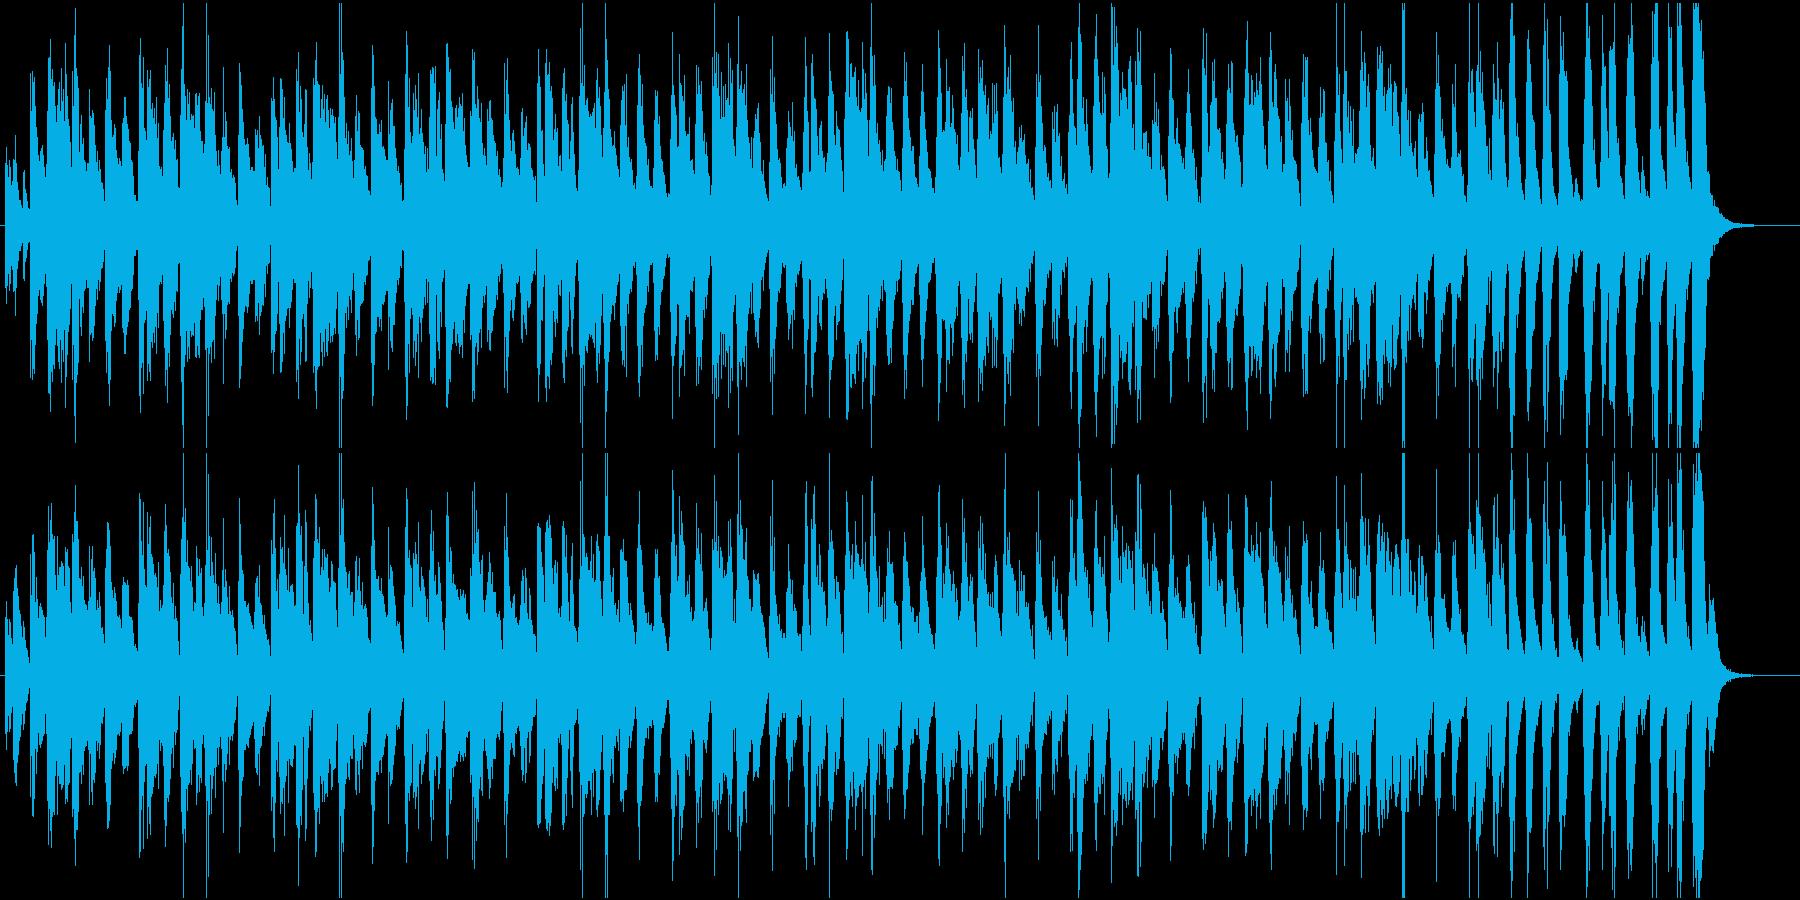 コミカルポップなブラスのサルサ調ジングルの再生済みの波形